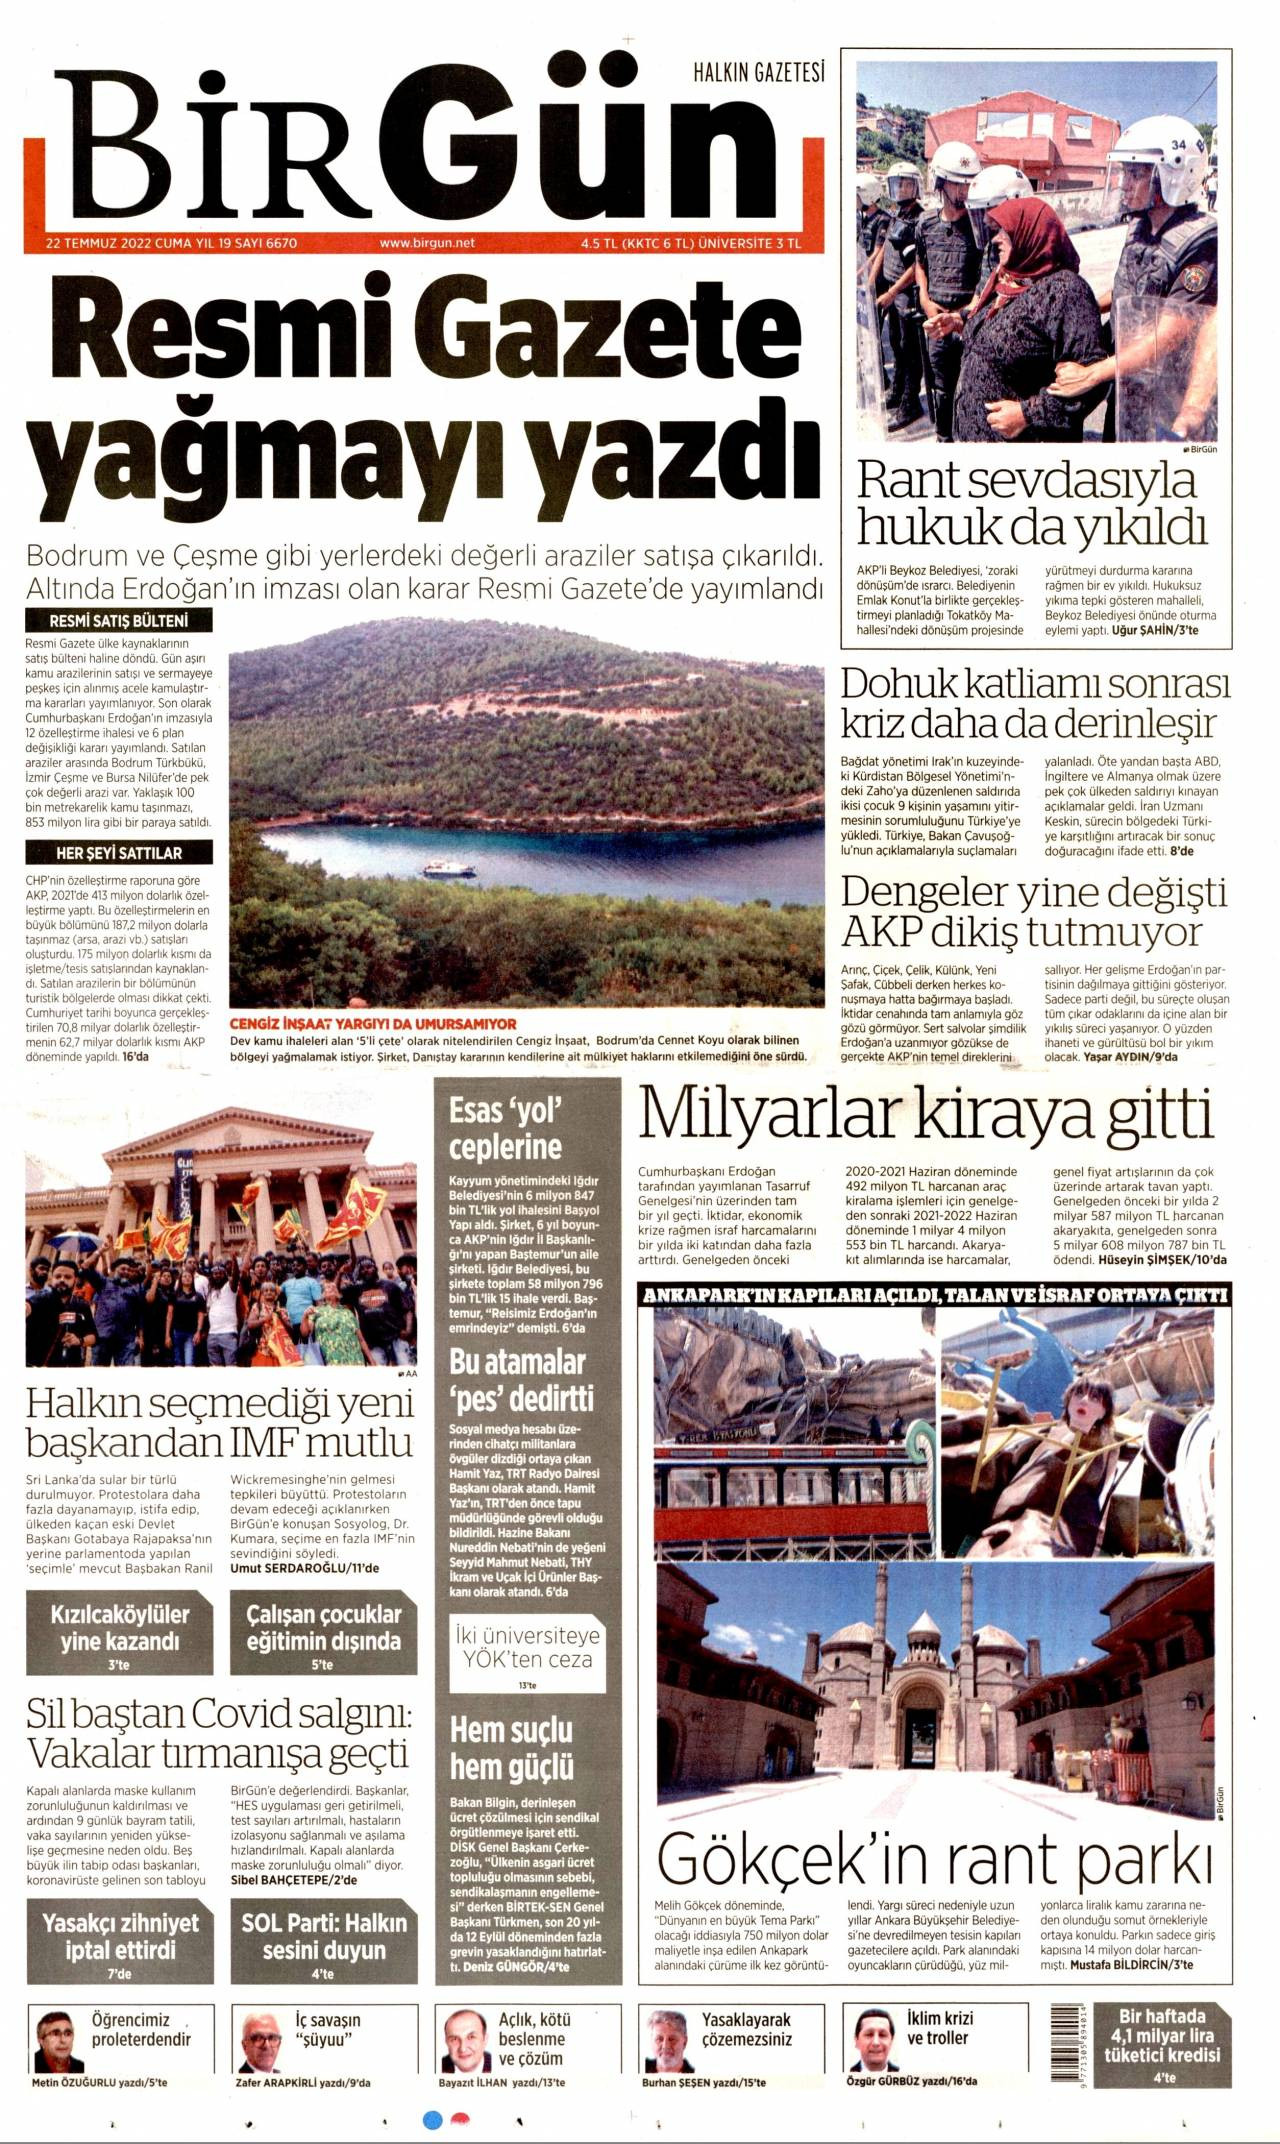 25 Ocak 2020, Cumartesi birgun Gazetesi